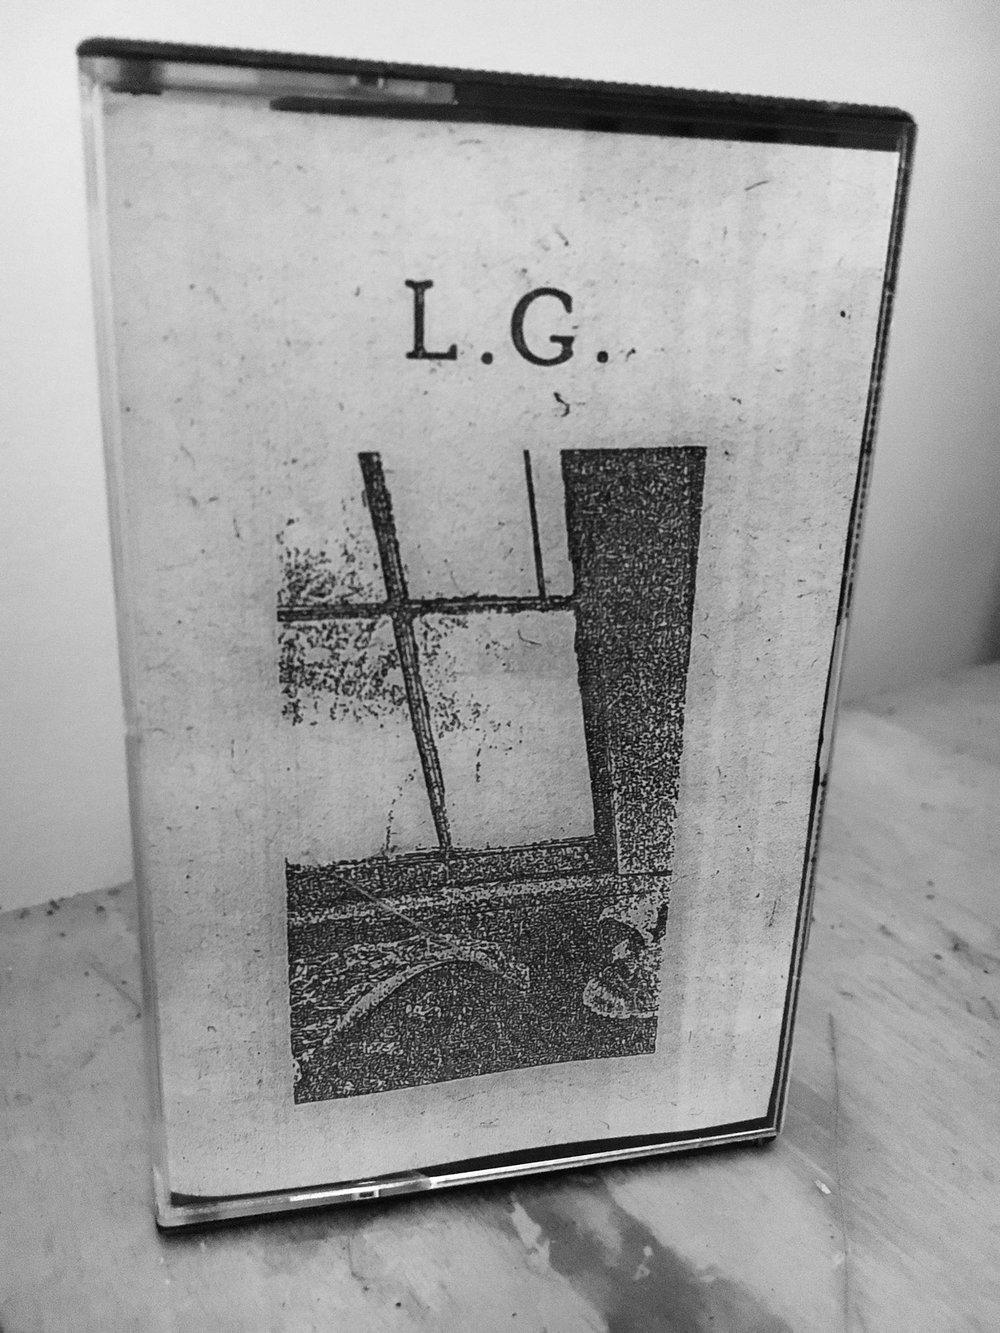 EM7 - L.G. (c30)